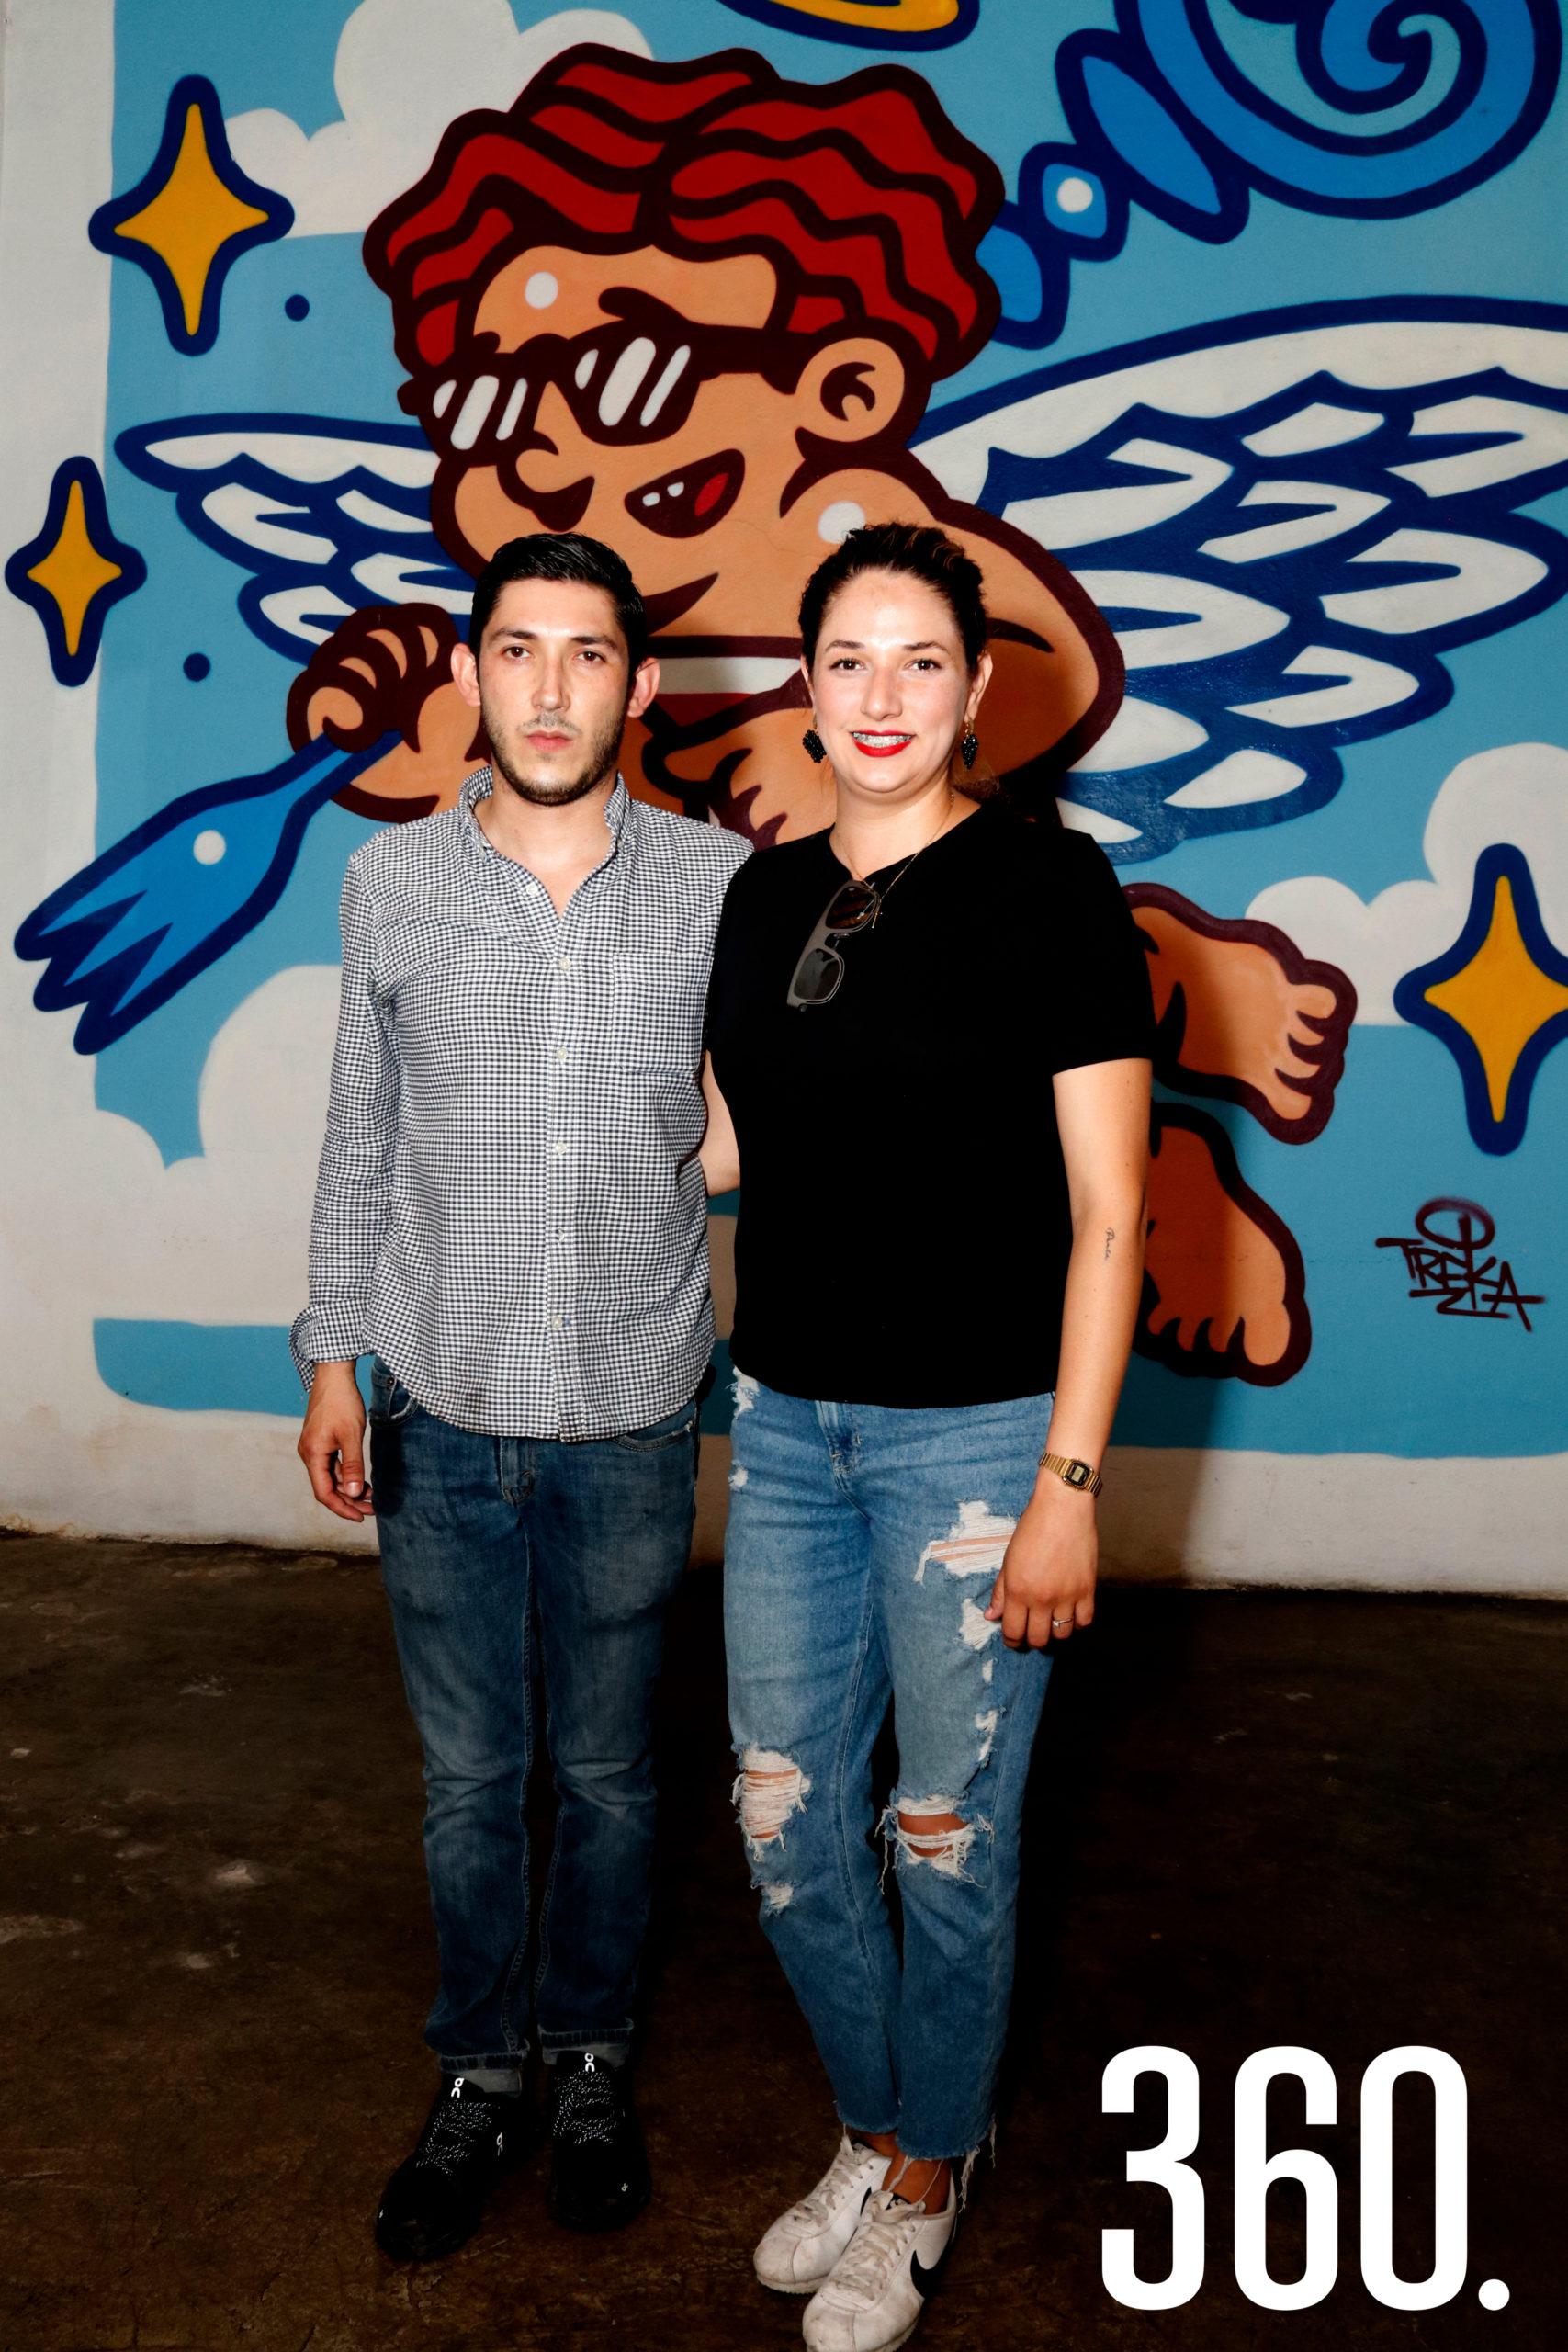 """Los chefs Jesús Torres e Ilse Guerra agradecieron el apoyo de sus clientes en los primeros 11 años de su restaurante & bar """"La puerta al cielo""""."""